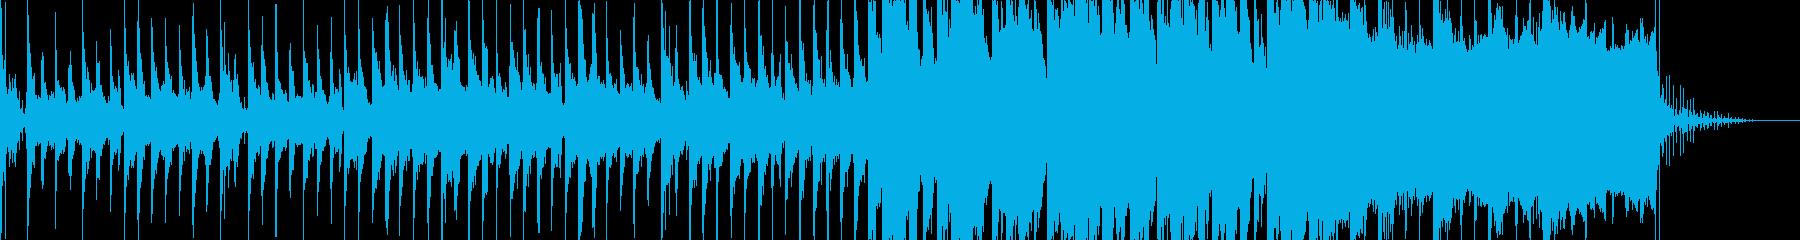 【CM】規則正しく整然と前進発展するの再生済みの波形